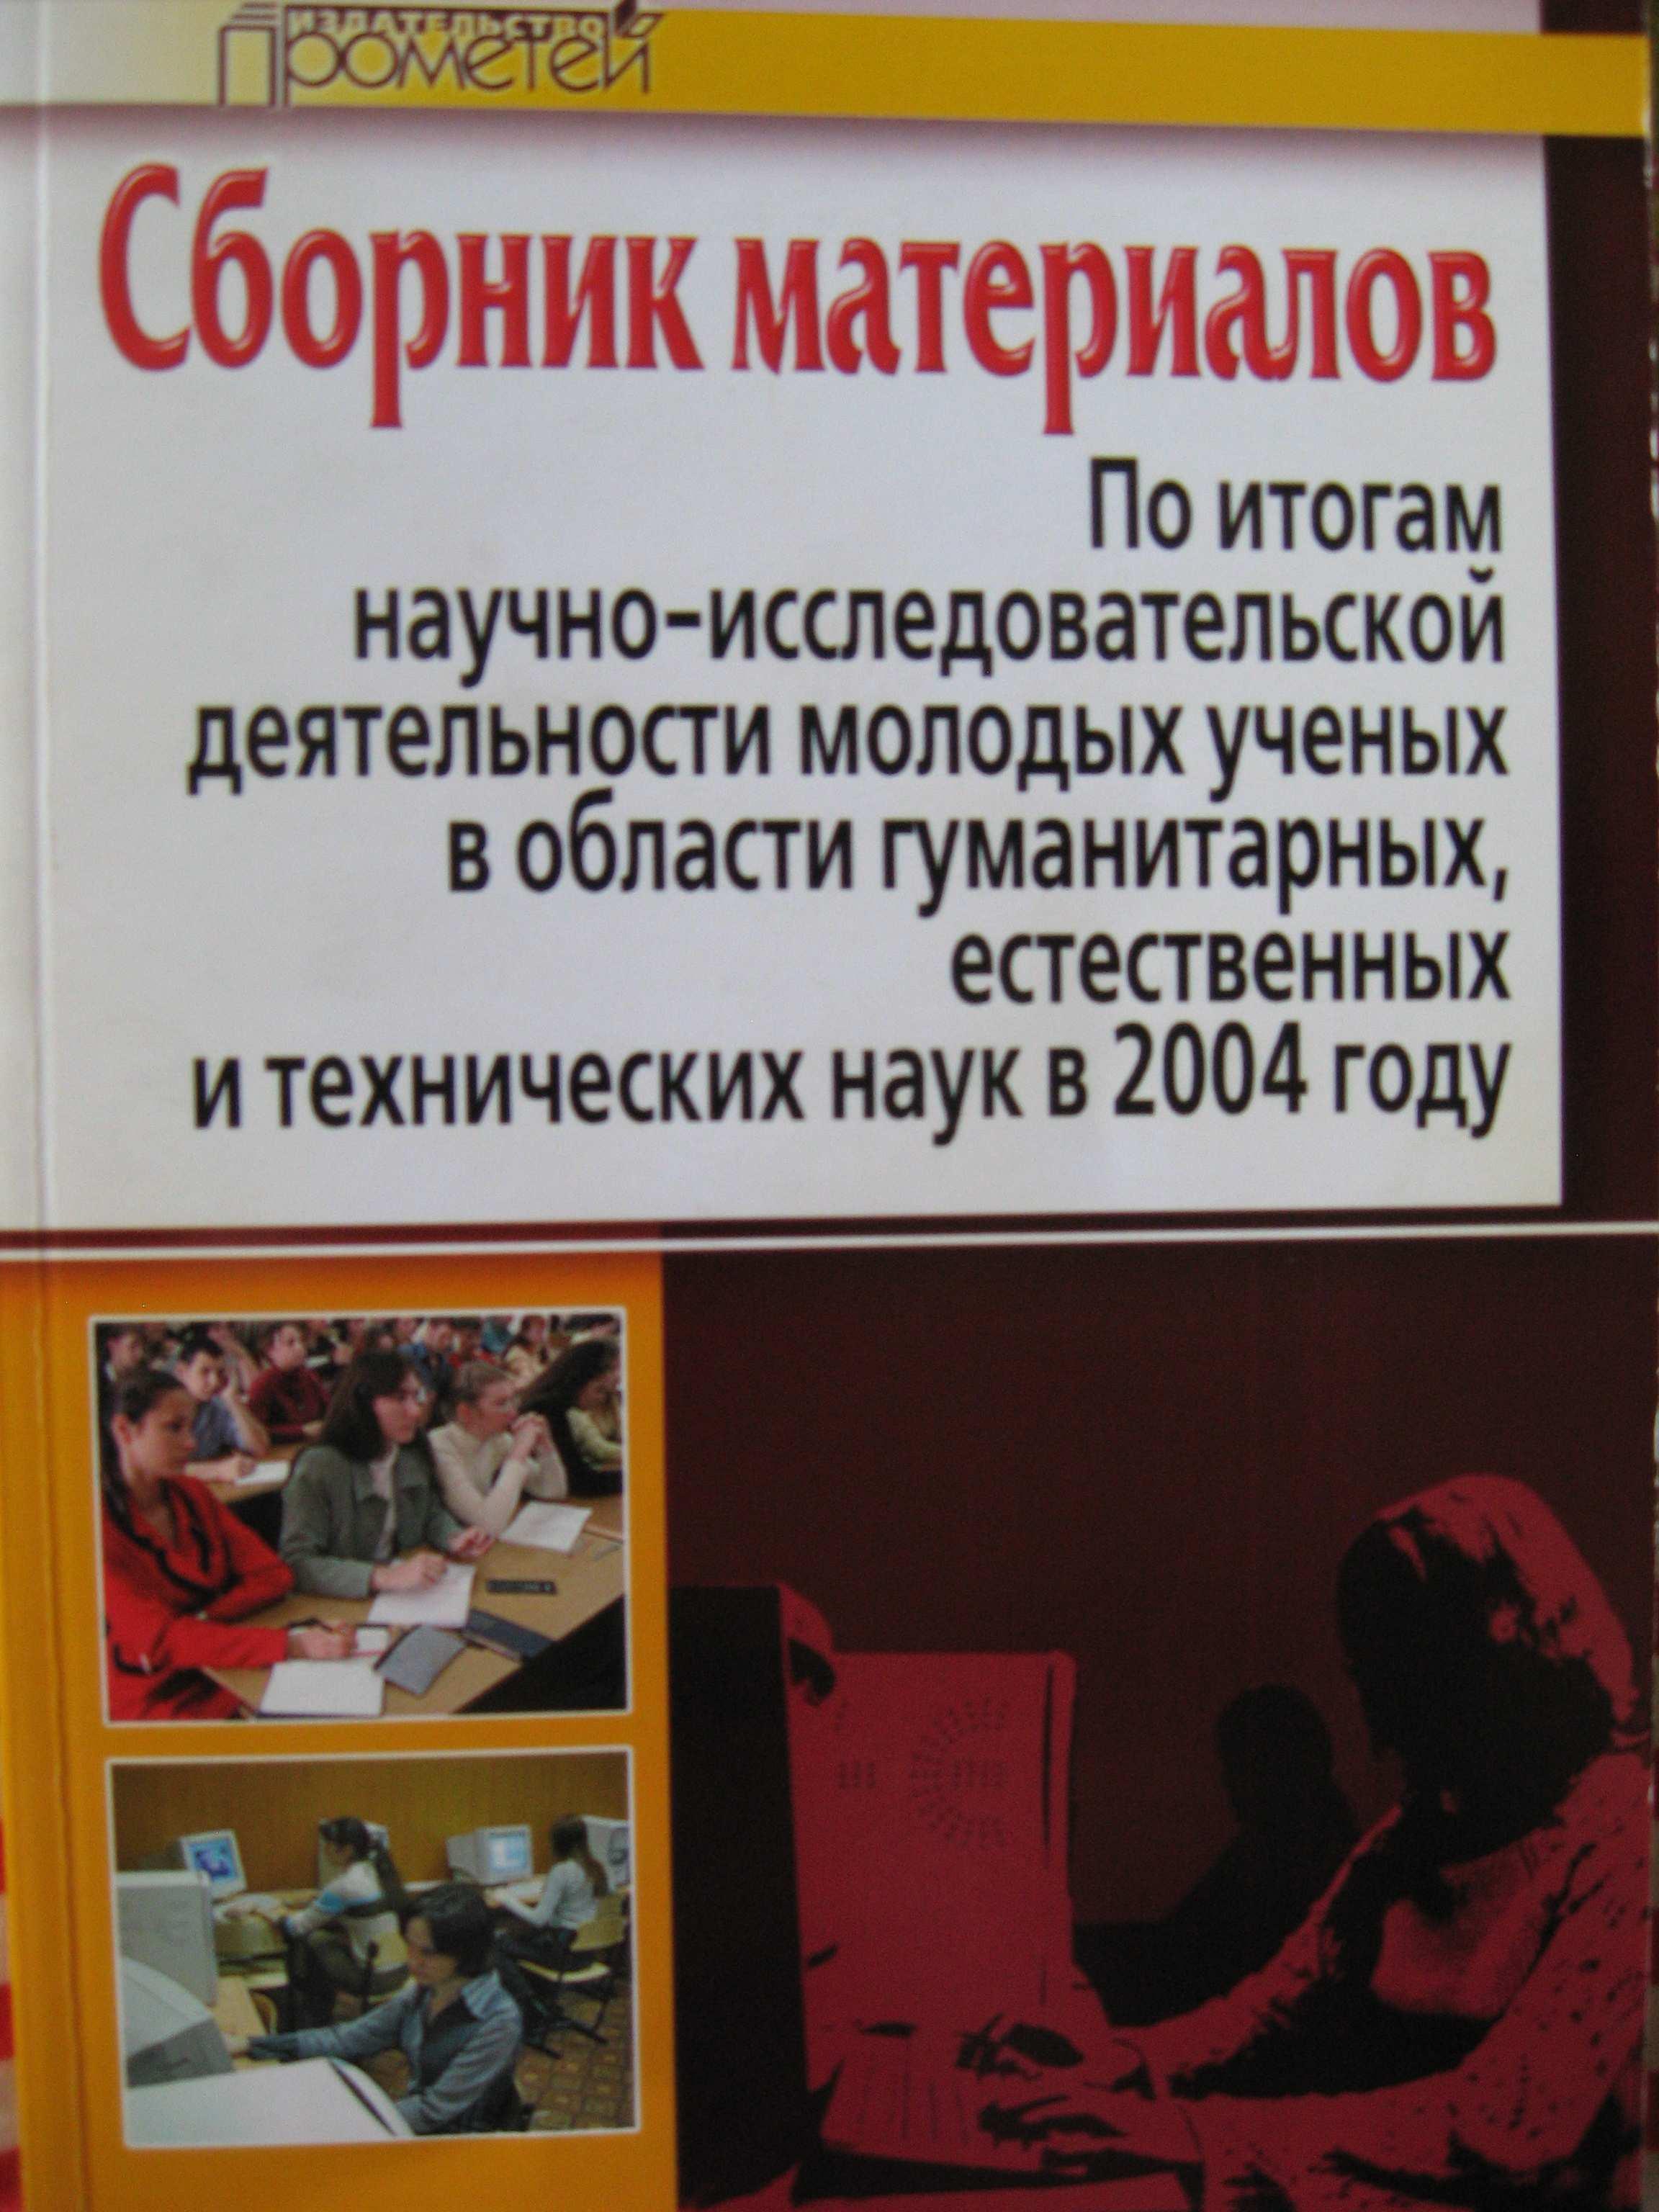 Сборник материалов по итогам научно-исследовательской деятельности молодых учёных в области гуманитарных, естественных и технических наук в 2004 году